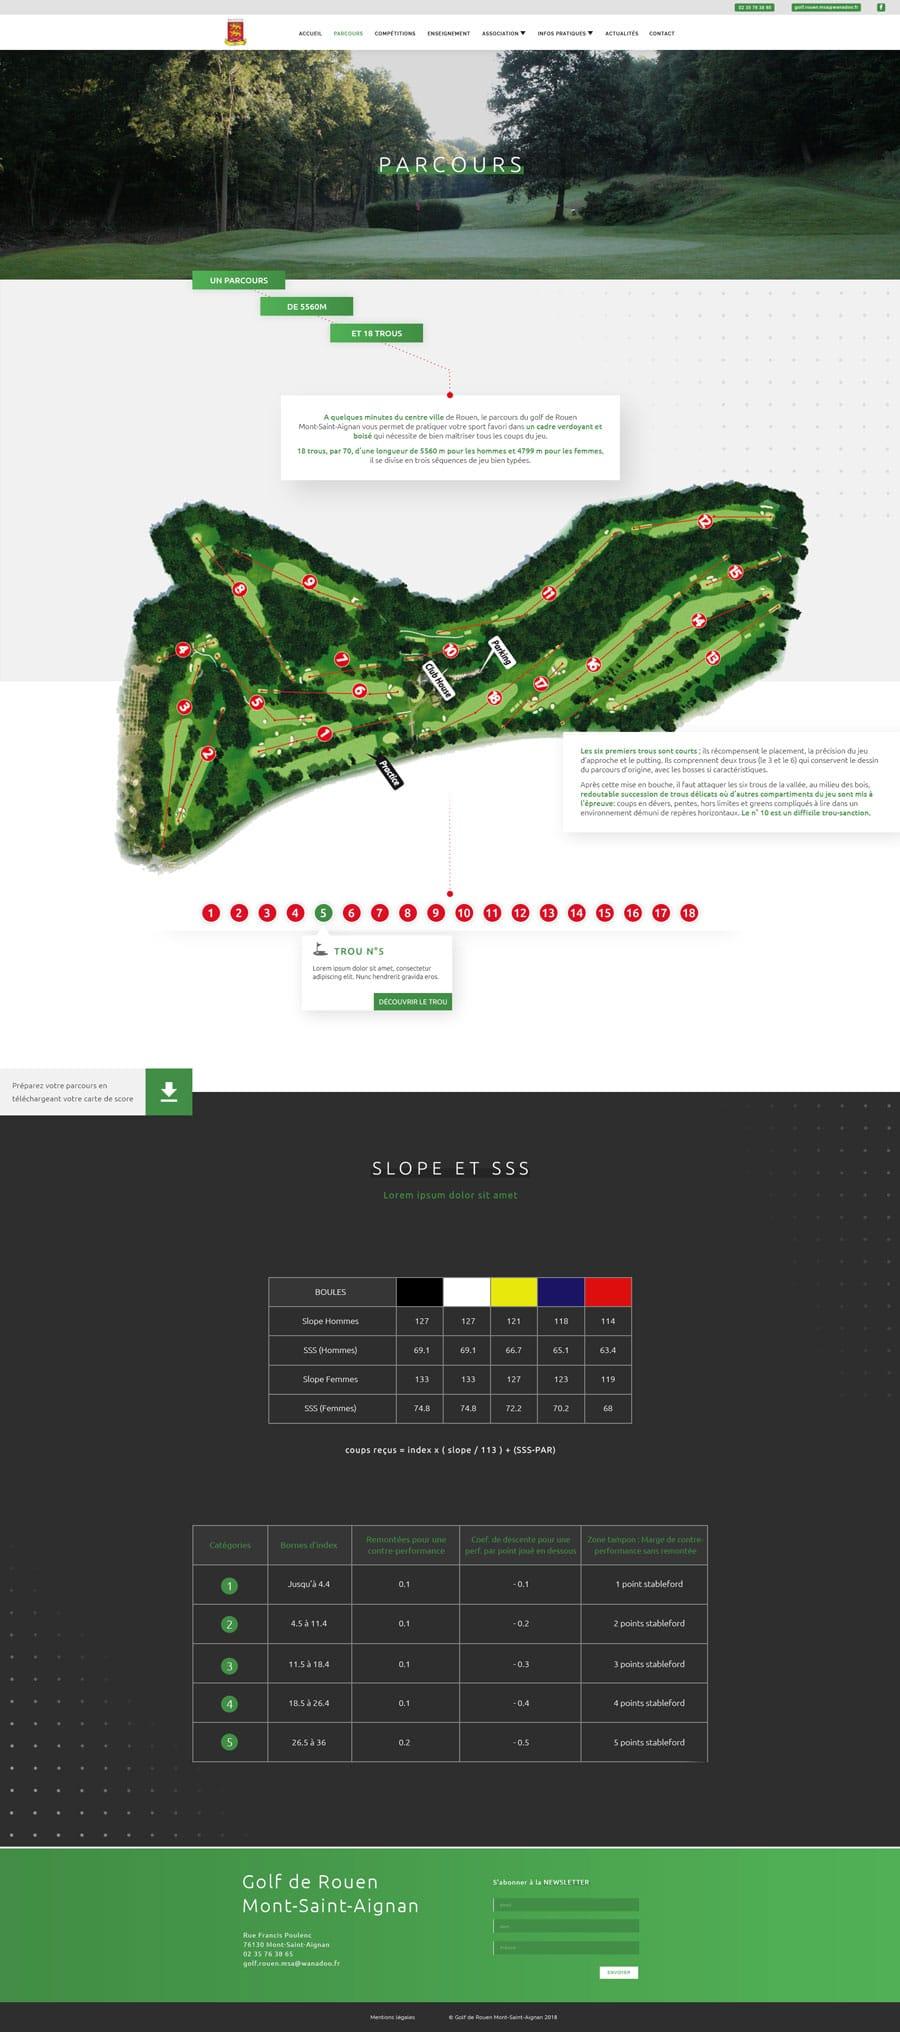 page parcours golf cyprien delapierre